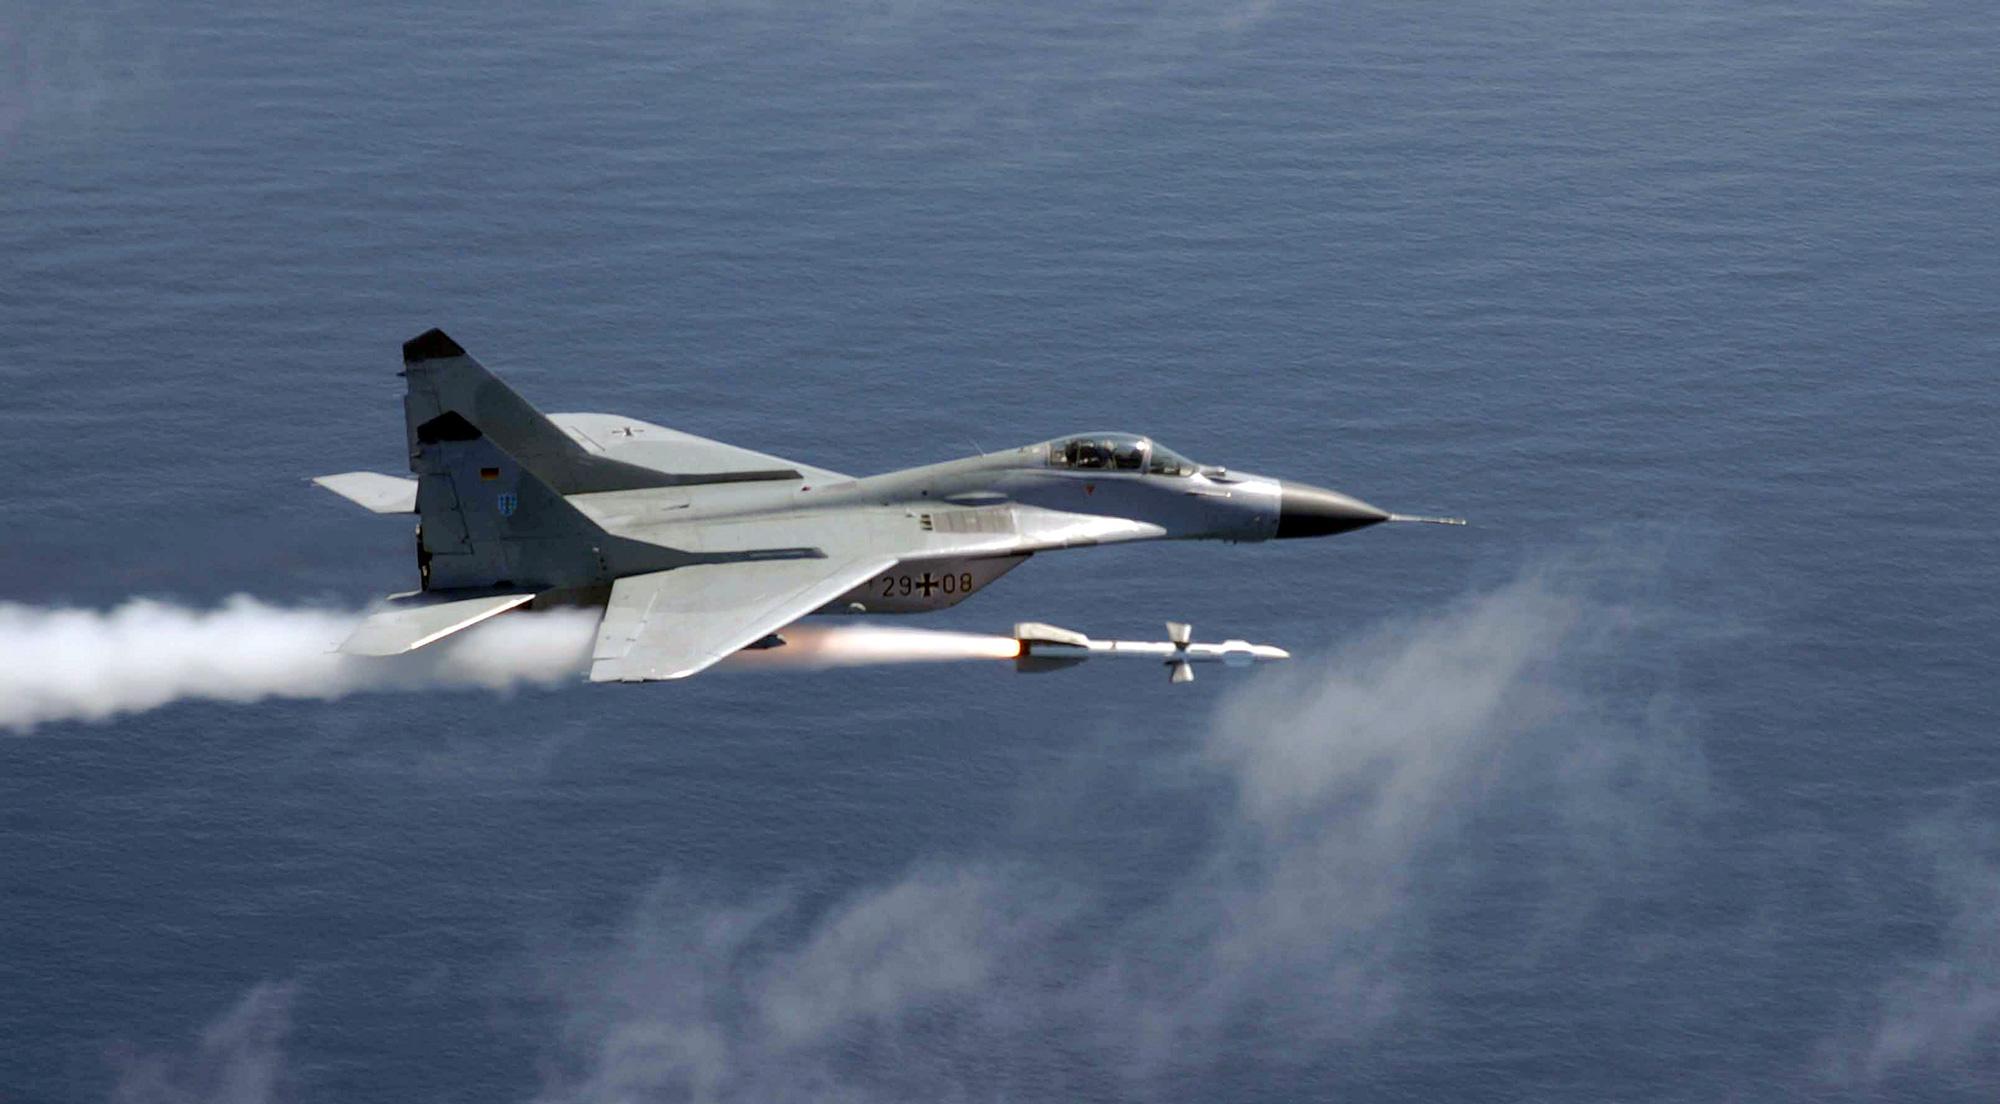 Des avions de chasse pilot s par une ia seraient d j - Avion de chasse en lego ...